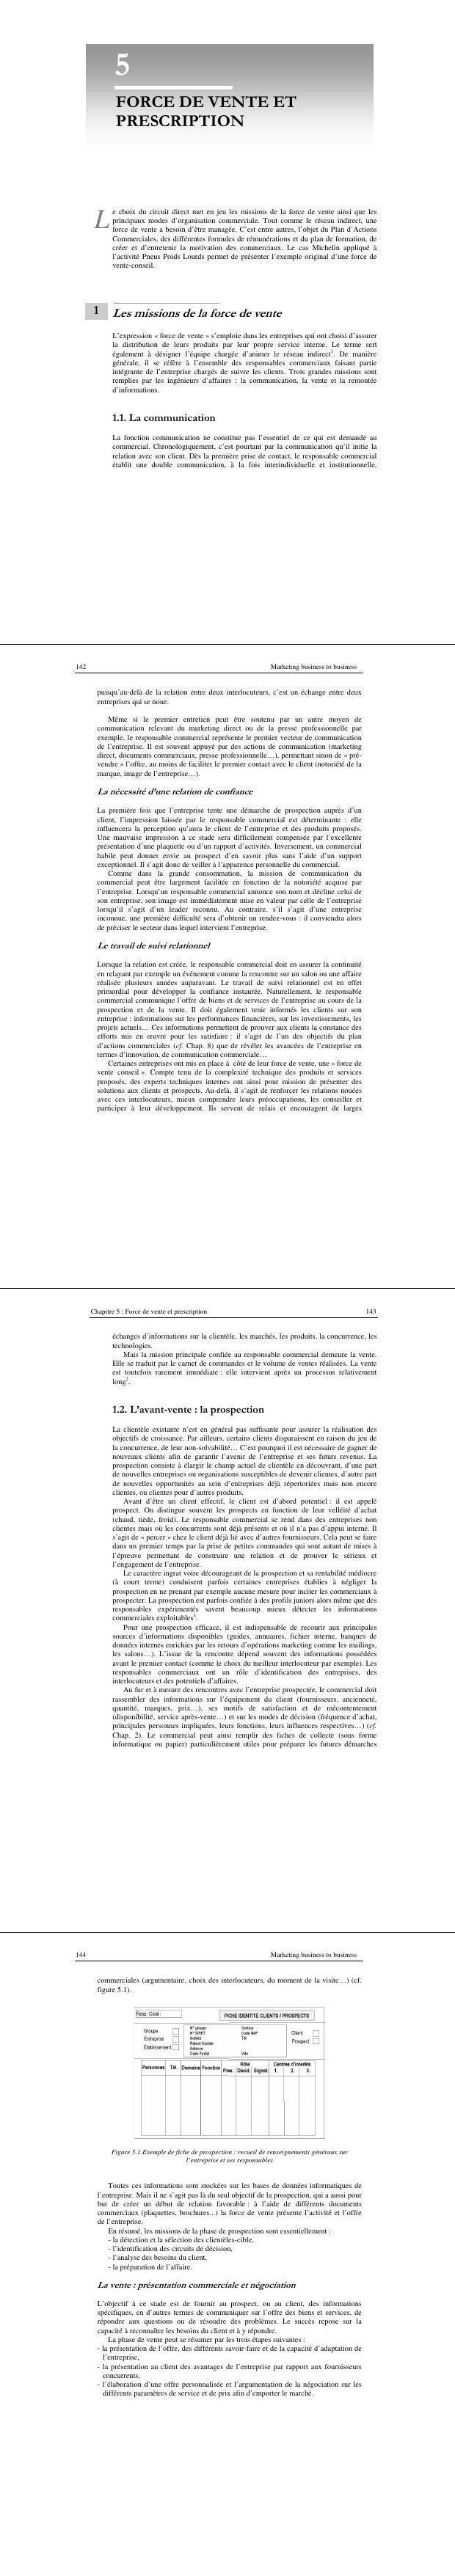 Pdf Support De Formation Sur La Prospection Commerciale Et La Vente Cours Commerce